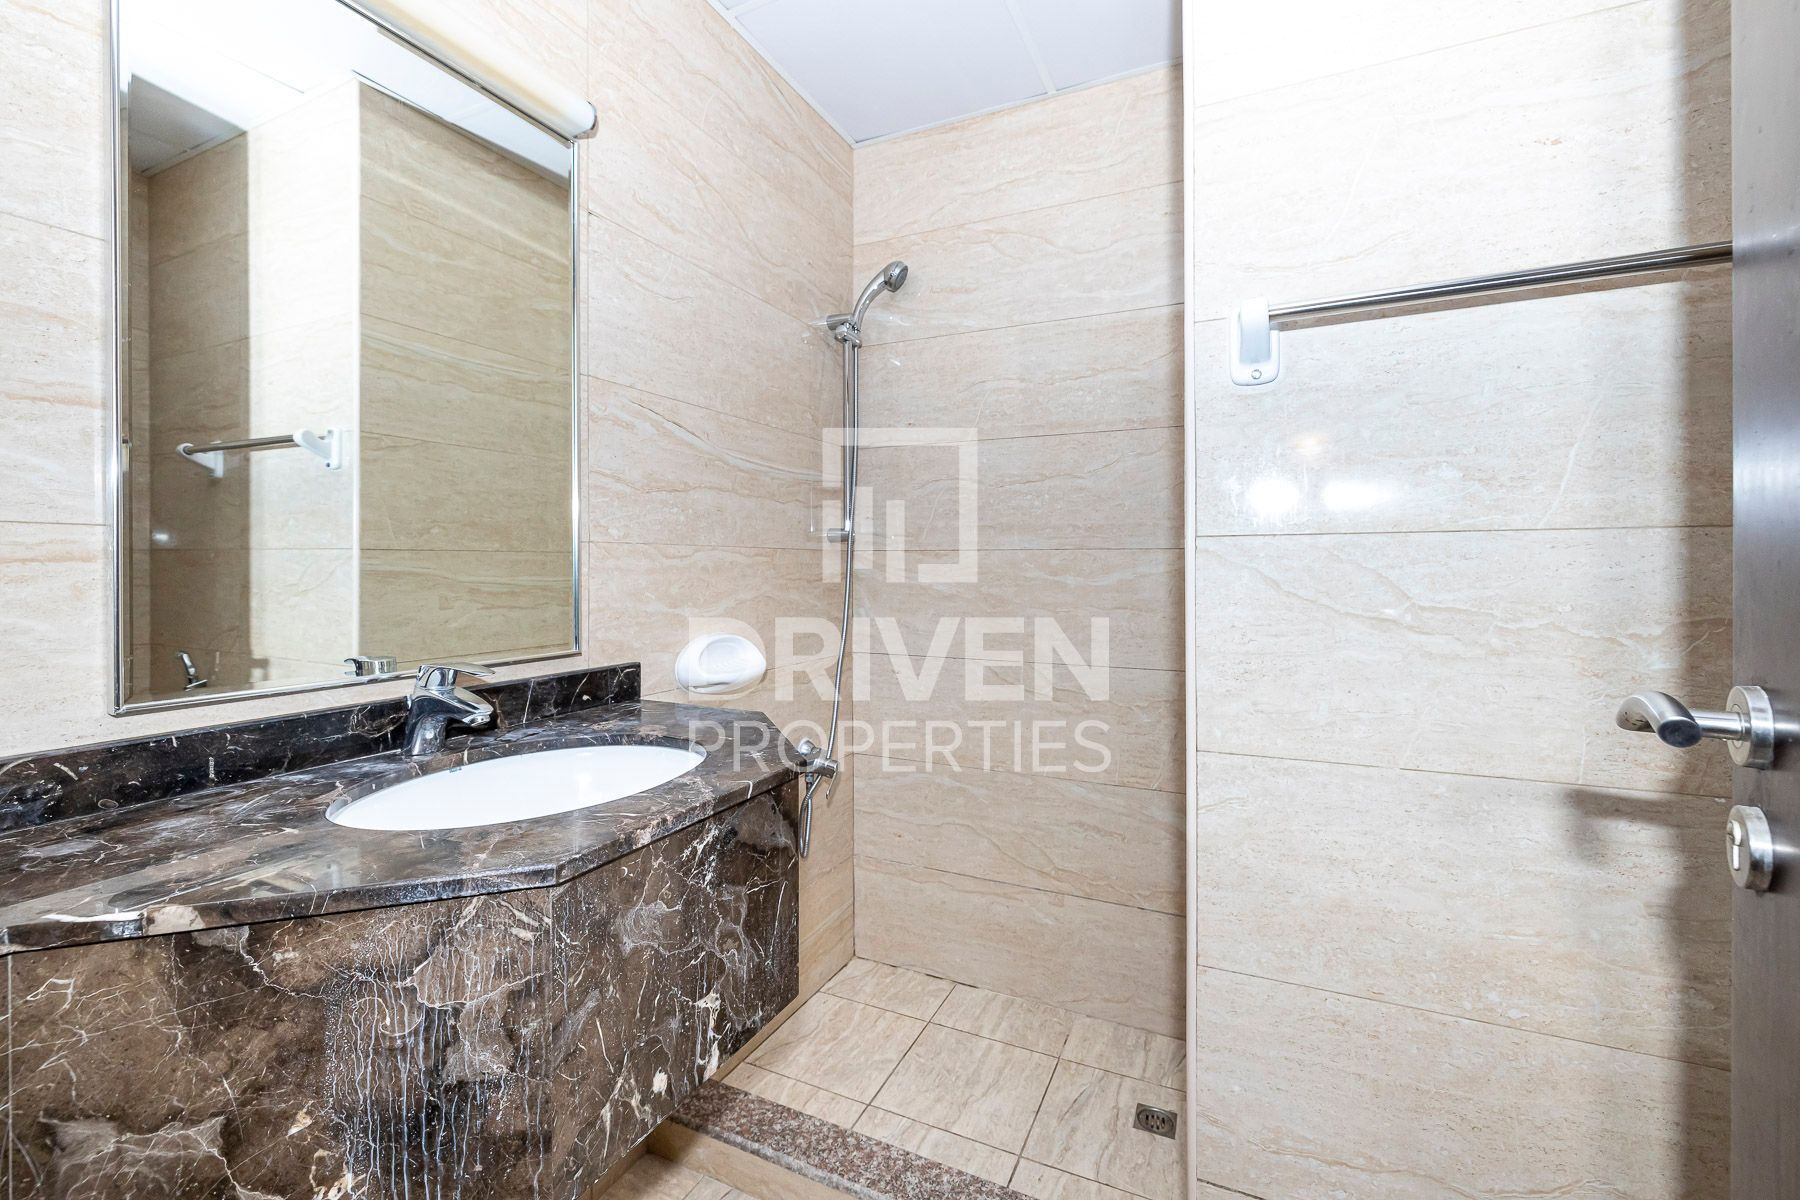 Apartment for Sale in Feirouz - Al Furjan